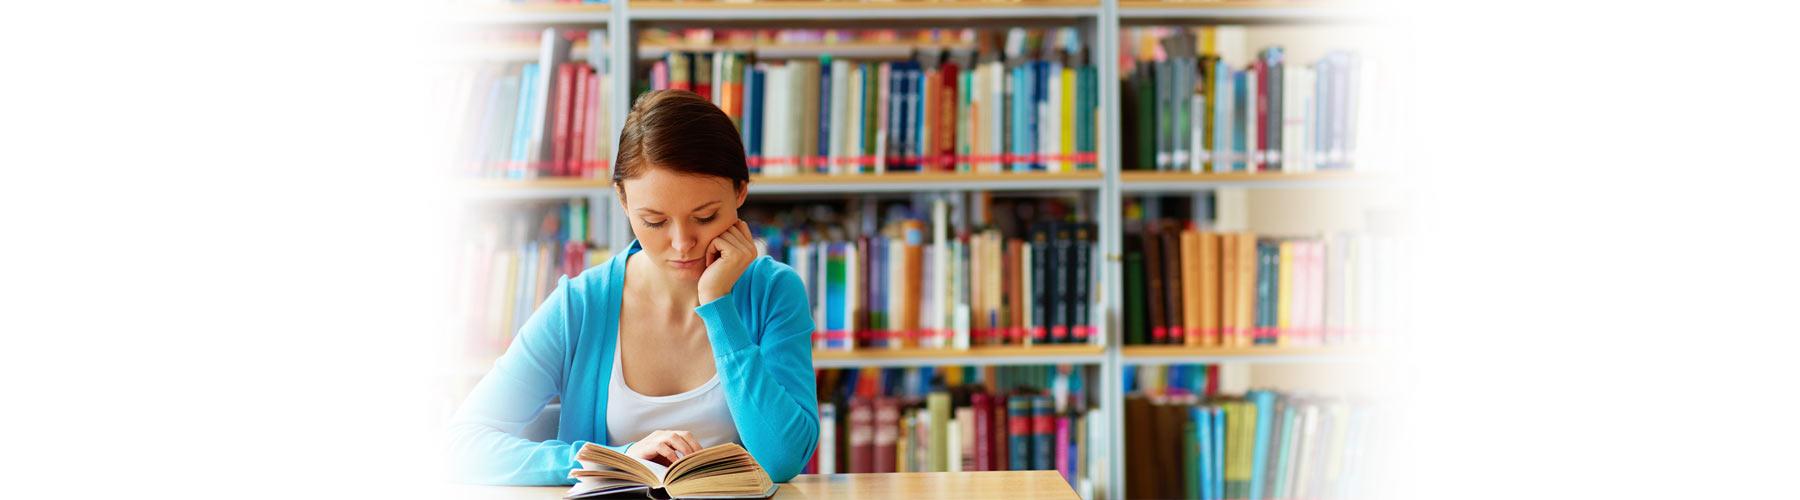 Formación para realizar una búsqueda bibliográfica si eres enfermera